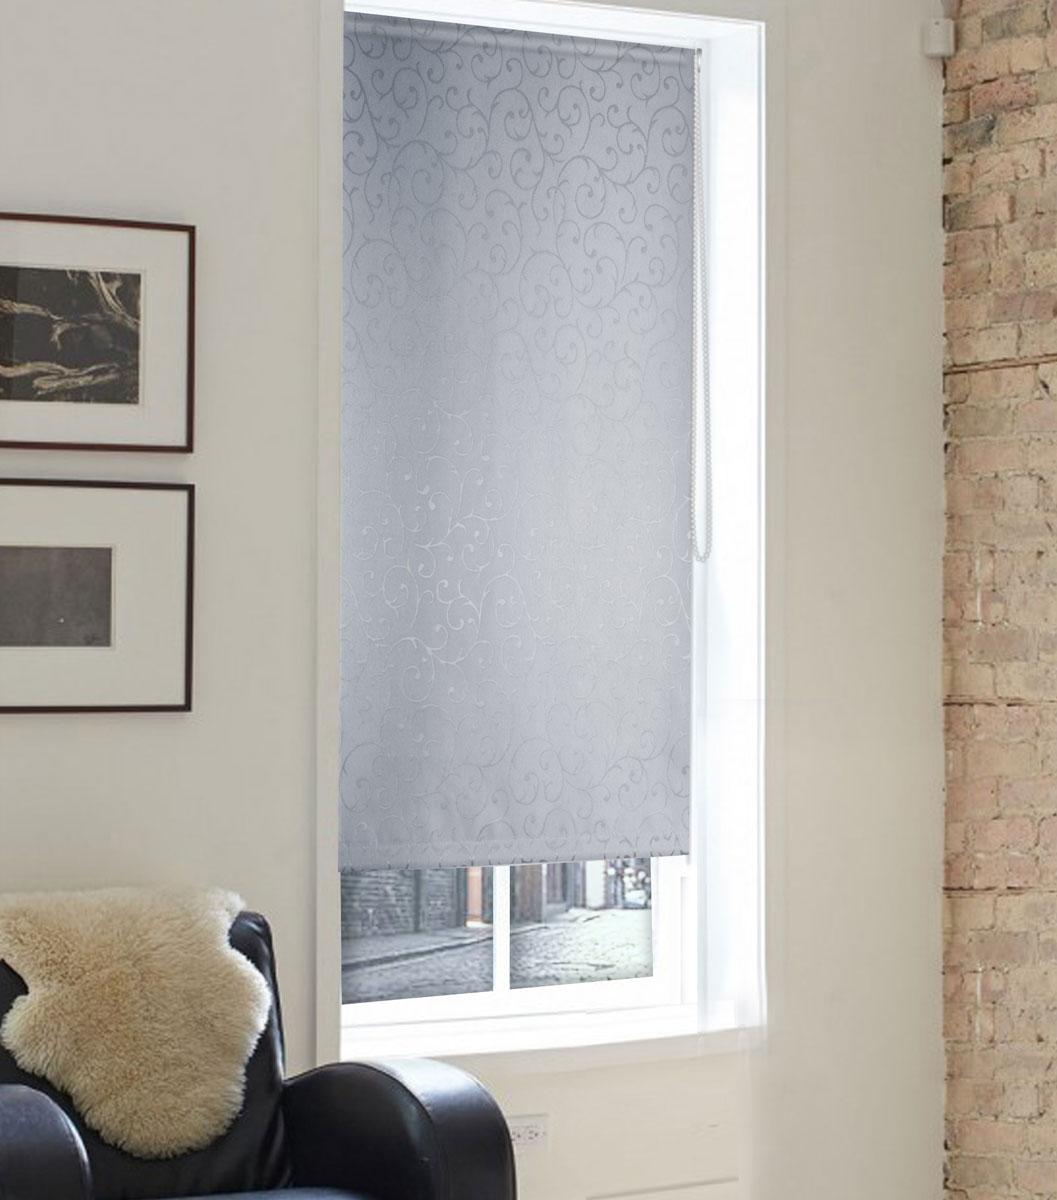 Штора рулонная Эскар Миниролло. Агат, фактурная, цвет: серый, ширина 62 см, высота 160 см39008068170Рулонная штора Эскар Миниролло. Агат выполнена из высокопрочной ткани, которая сохраняет свой размер даже при намокании. Ткань не выцветает и обладает отличной цветоустойчивостью.Миниролло - это подвид рулонных штор, который закрывает не весь оконный проем, а непосредственно само стекло. Такие шторы крепятся на раму без сверления при помощи зажимов или клейкой двухсторонней ленты. Окно остается на гарантии, благодаря монтажу без сверления. Такая штора станет прекрасным элементом декора окна и гармонично впишется в интерьер любого помещения.